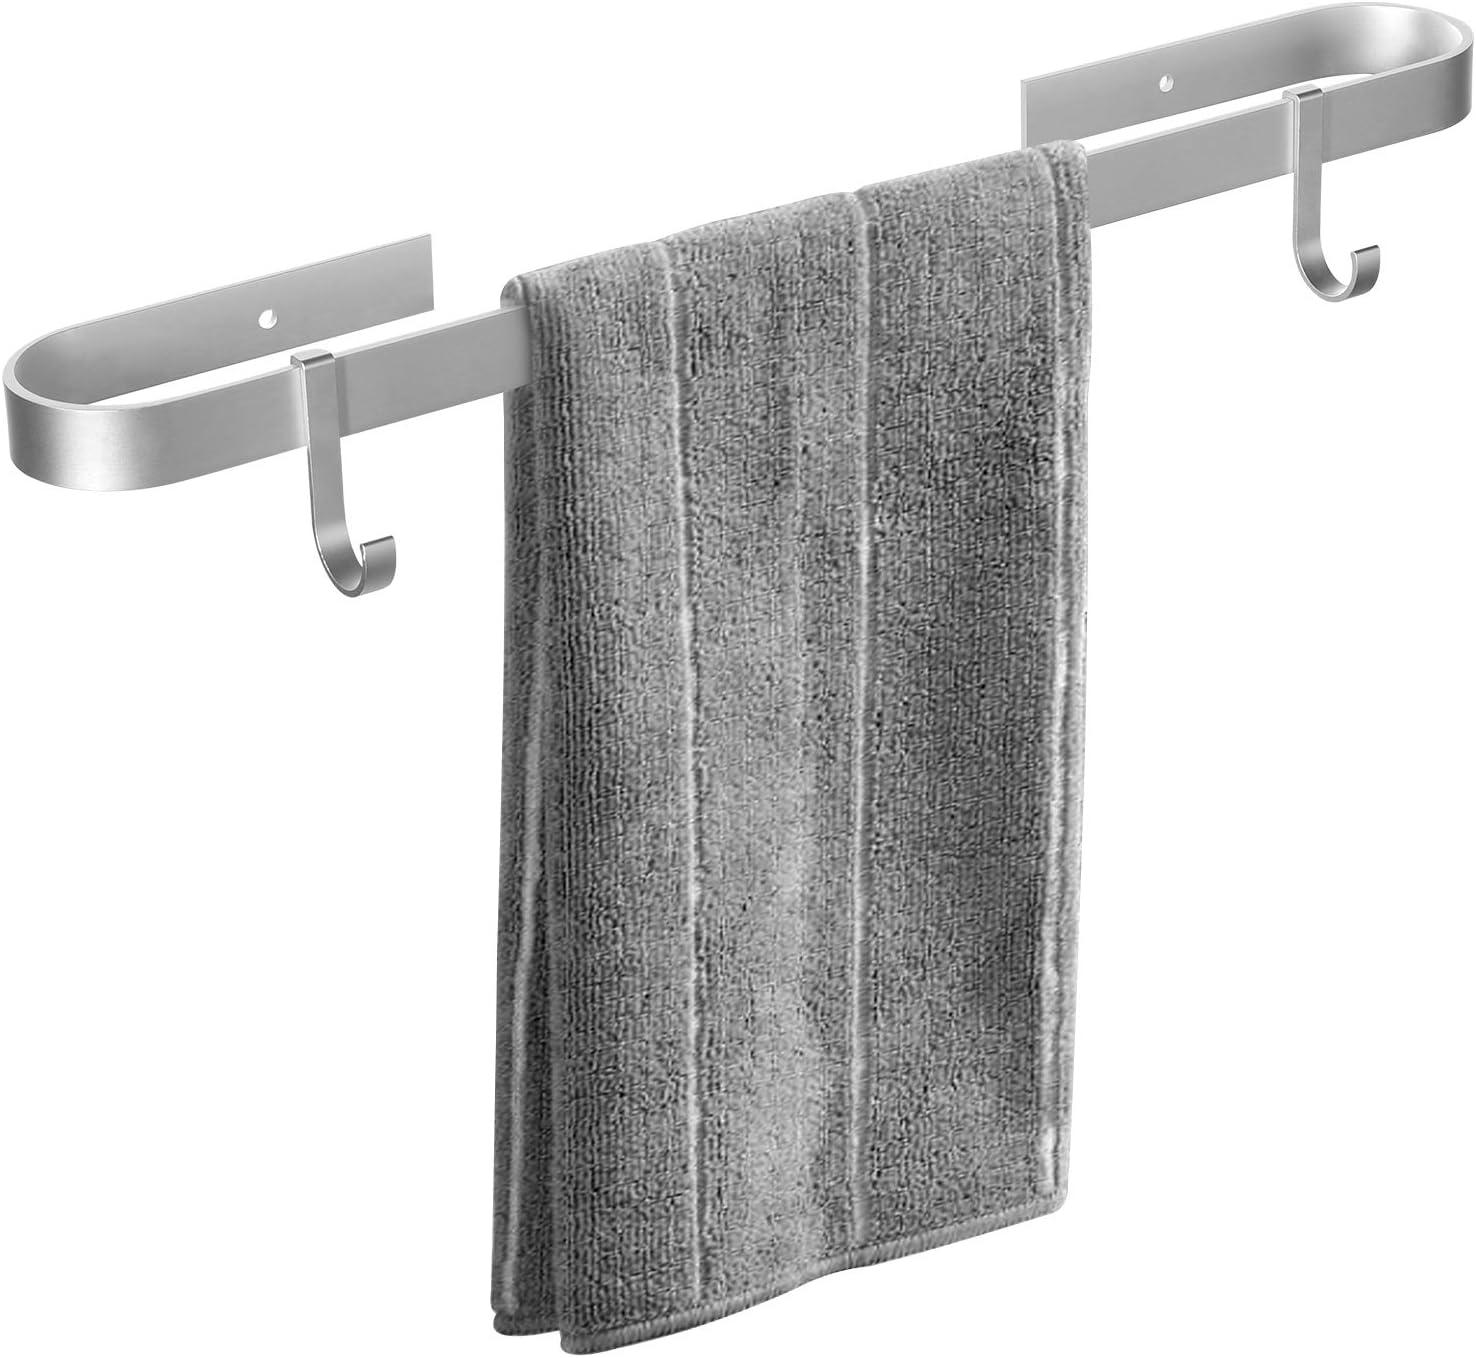 Qeekzeel Handtuchhalter Bad Ohne Bohren Handtuchstange Selbstklebend Handtuchhalter Aluminium mit 2 Haken f/ür Badezimmer und K/üche 40cm